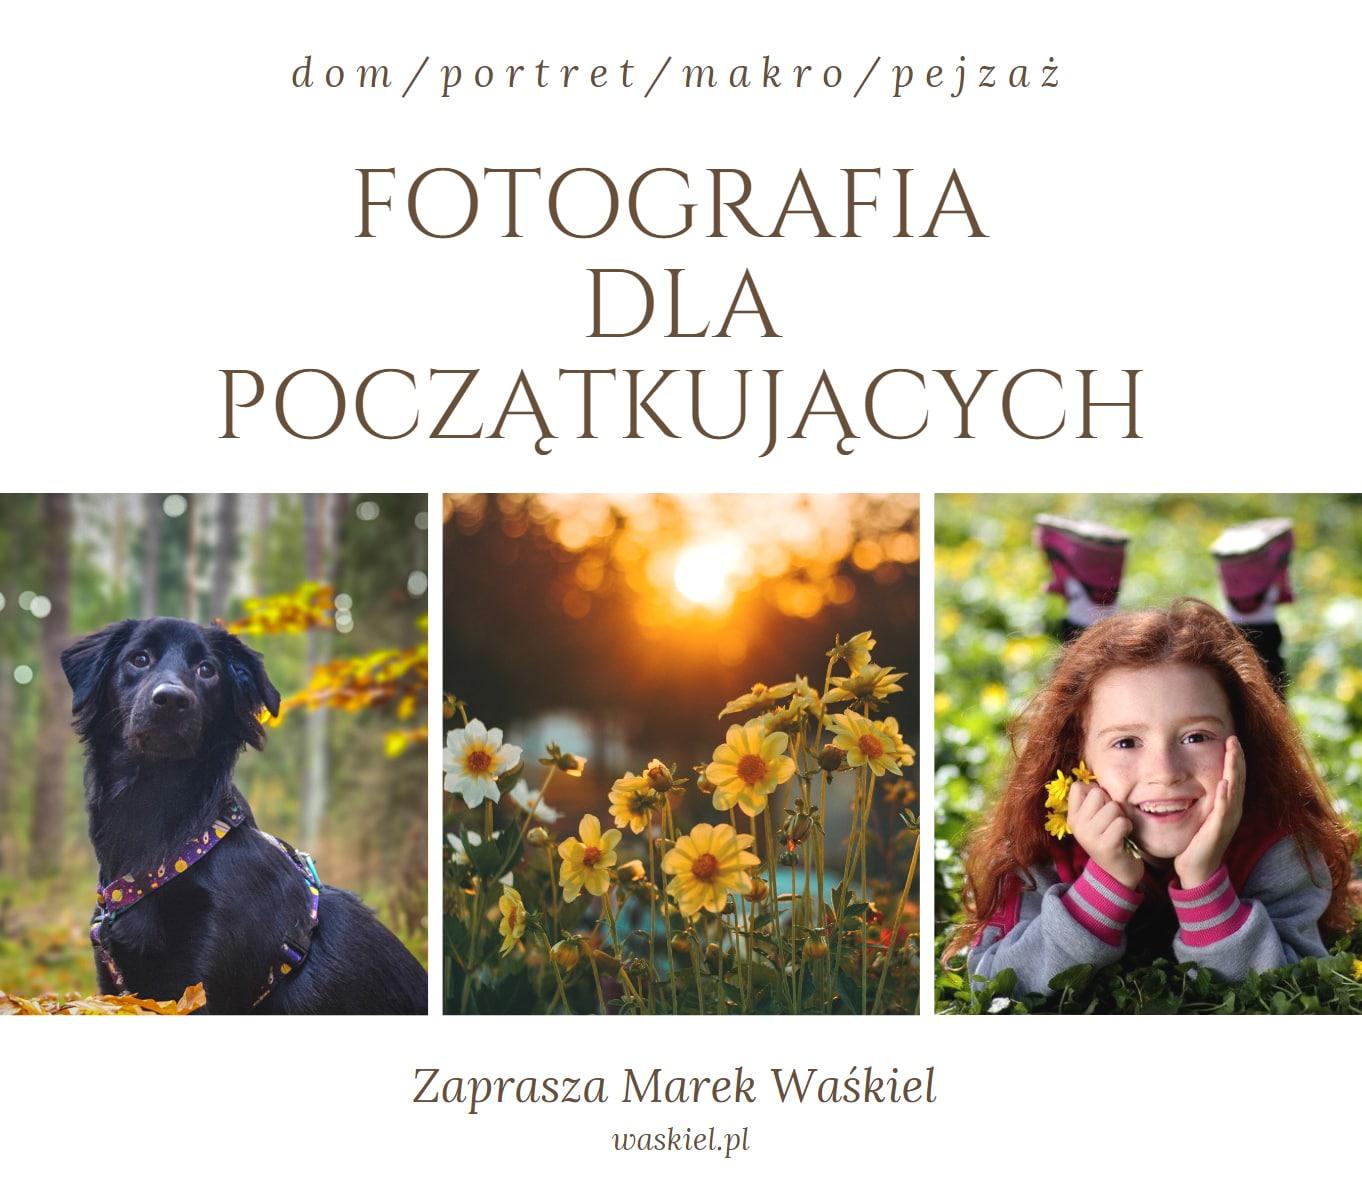 Obraz przedstawiający internetowy kurs fotografii dla początkujących.